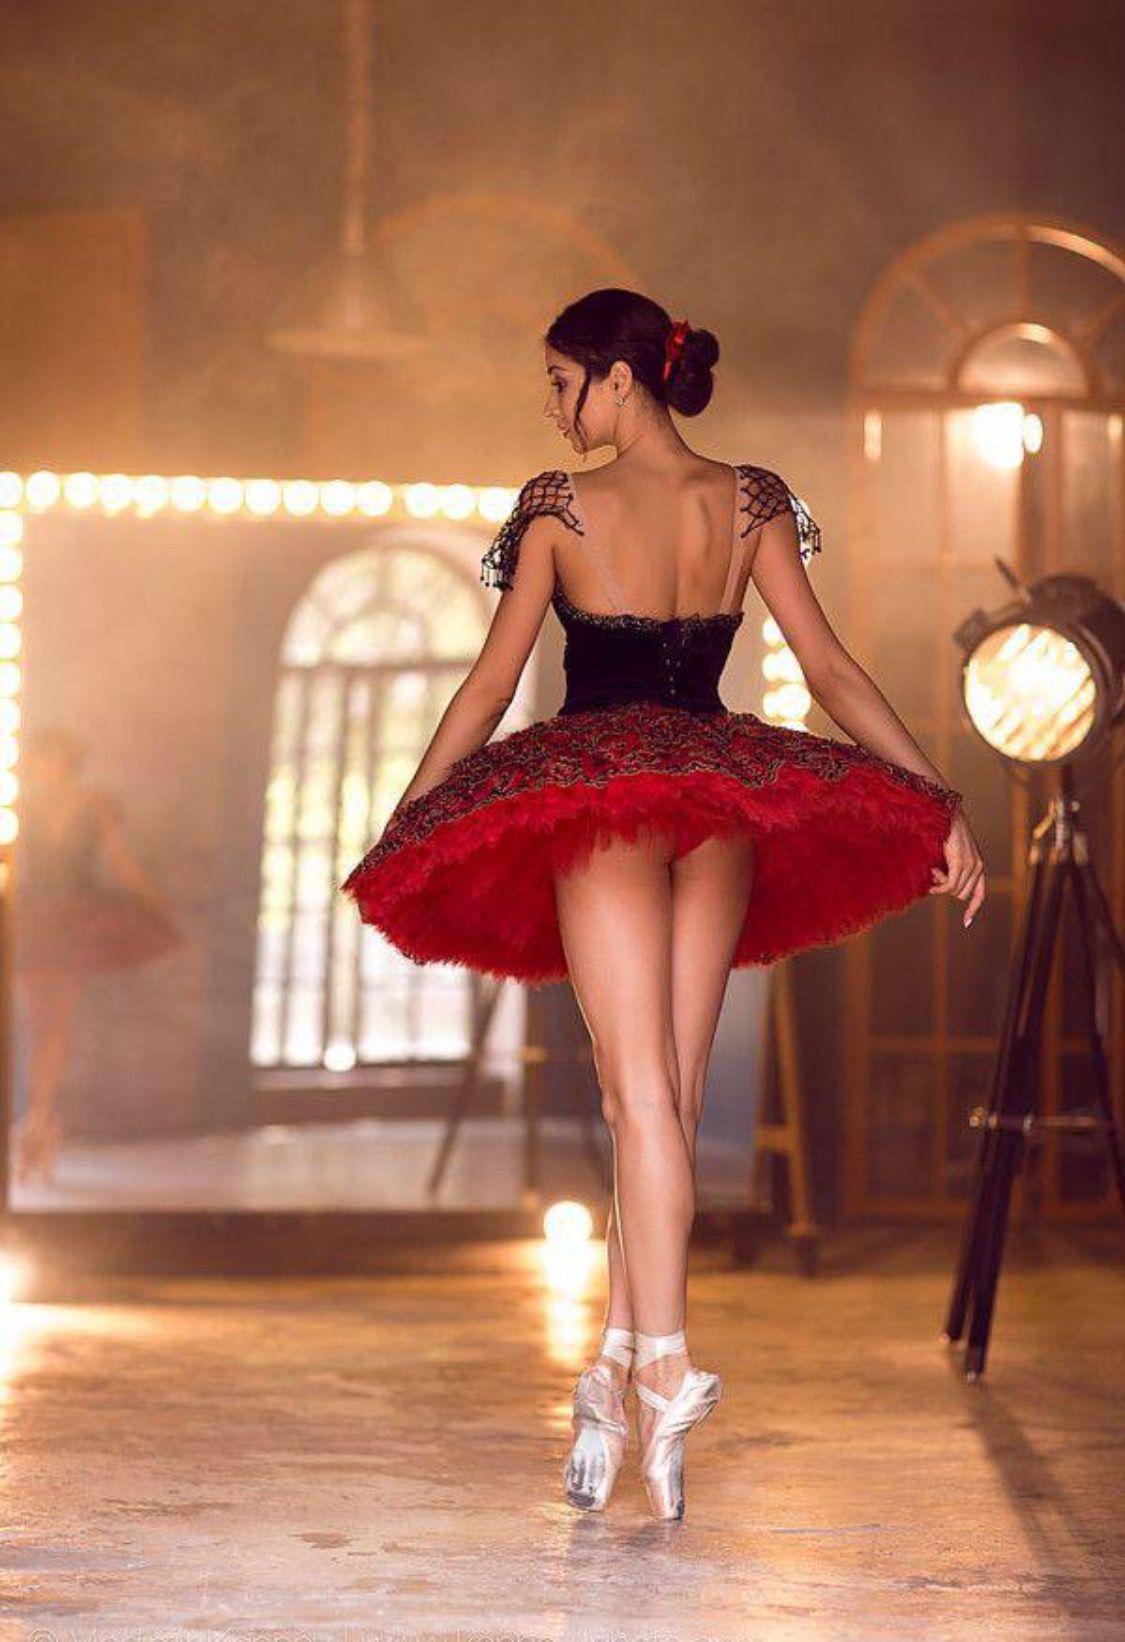 Ballerina en rojo y negro